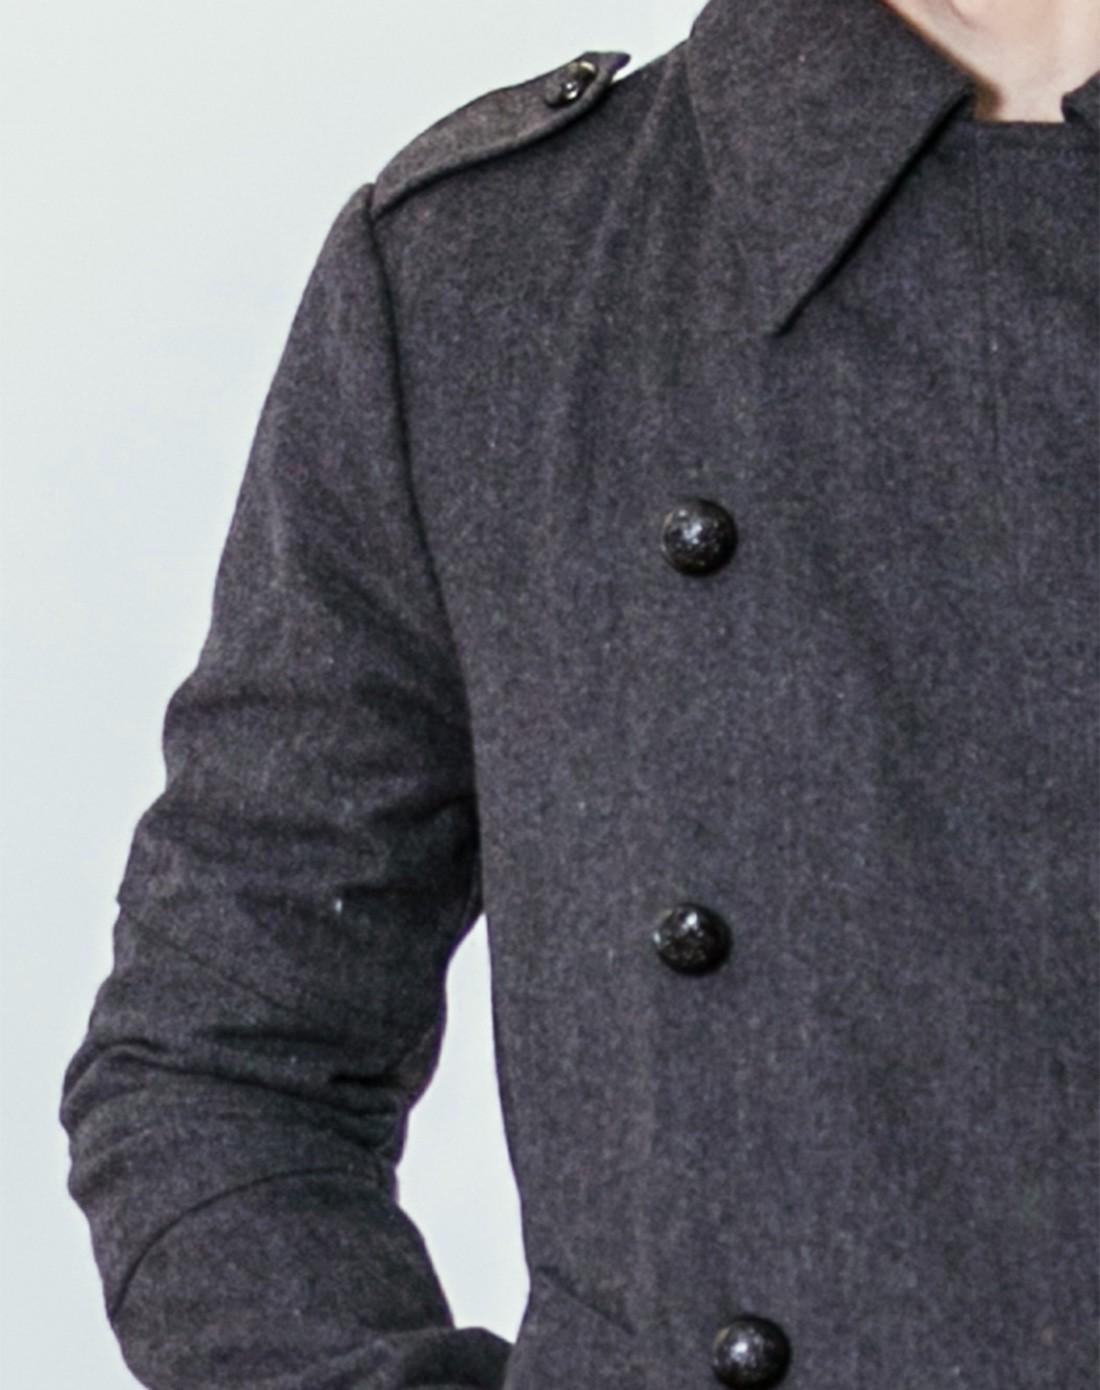 男四五十岁男人大胡子穿大衣烟头像